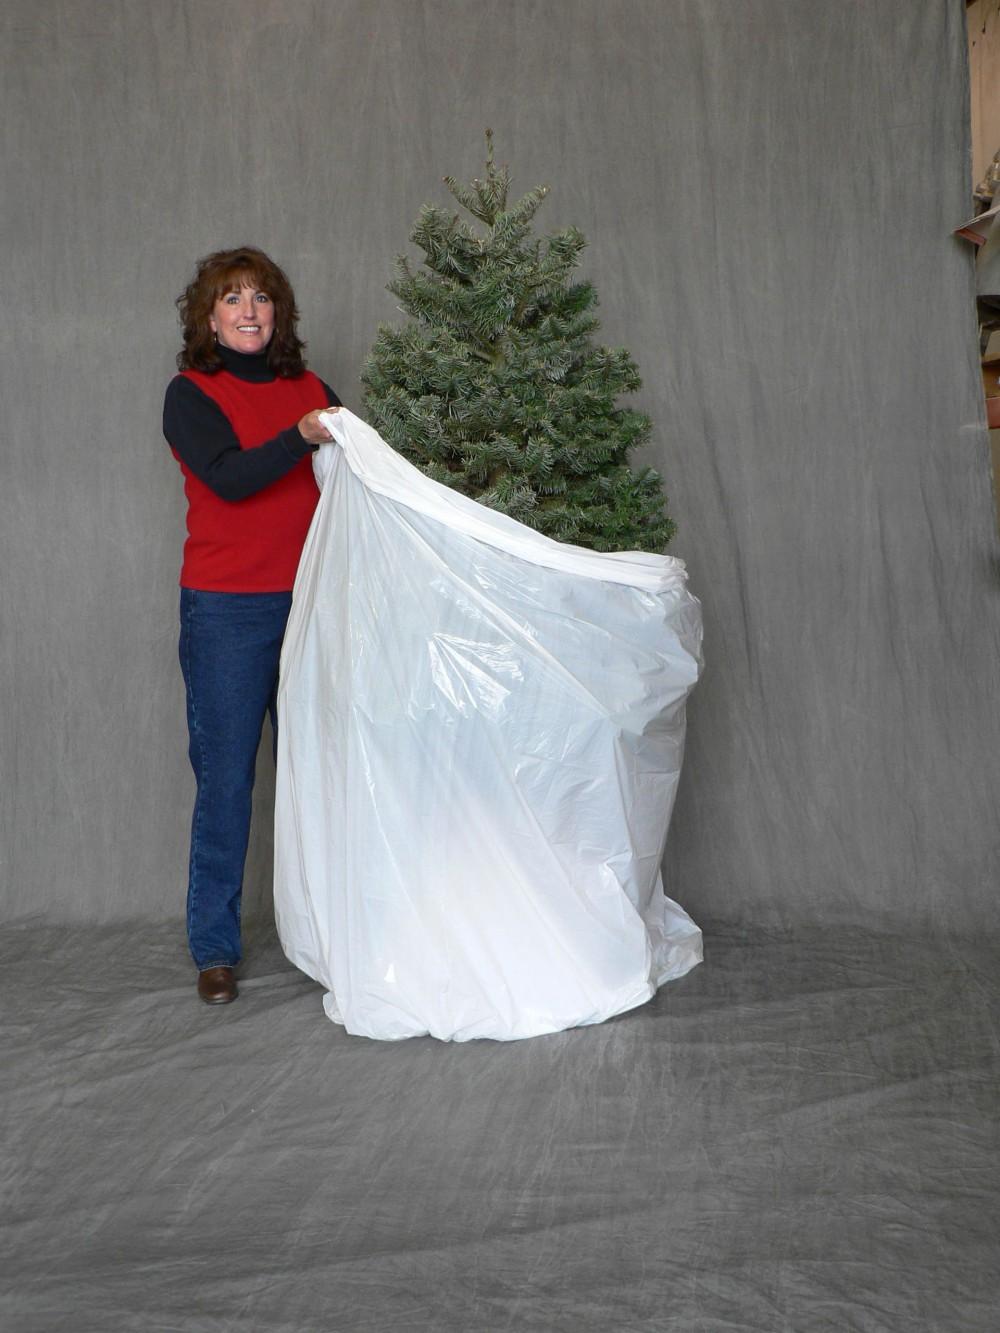 christmas tree removal bag - Christmas Tree Bags